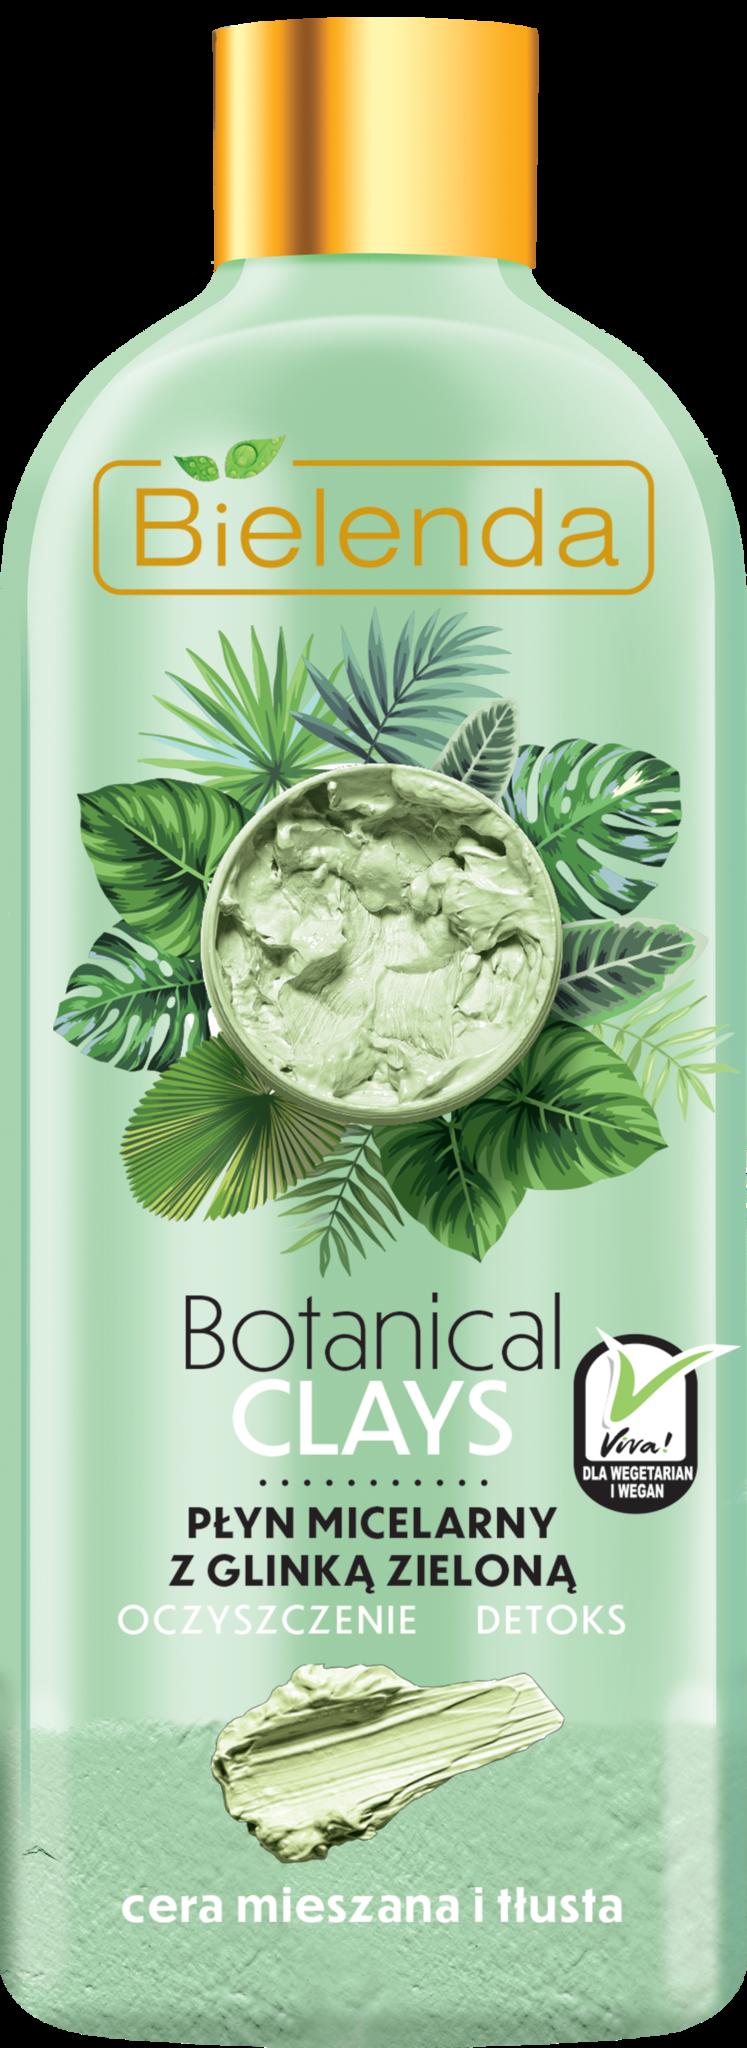 BOTANICAL CLAYS веганская мицеллярная вода с зелёной глиной 500 мл